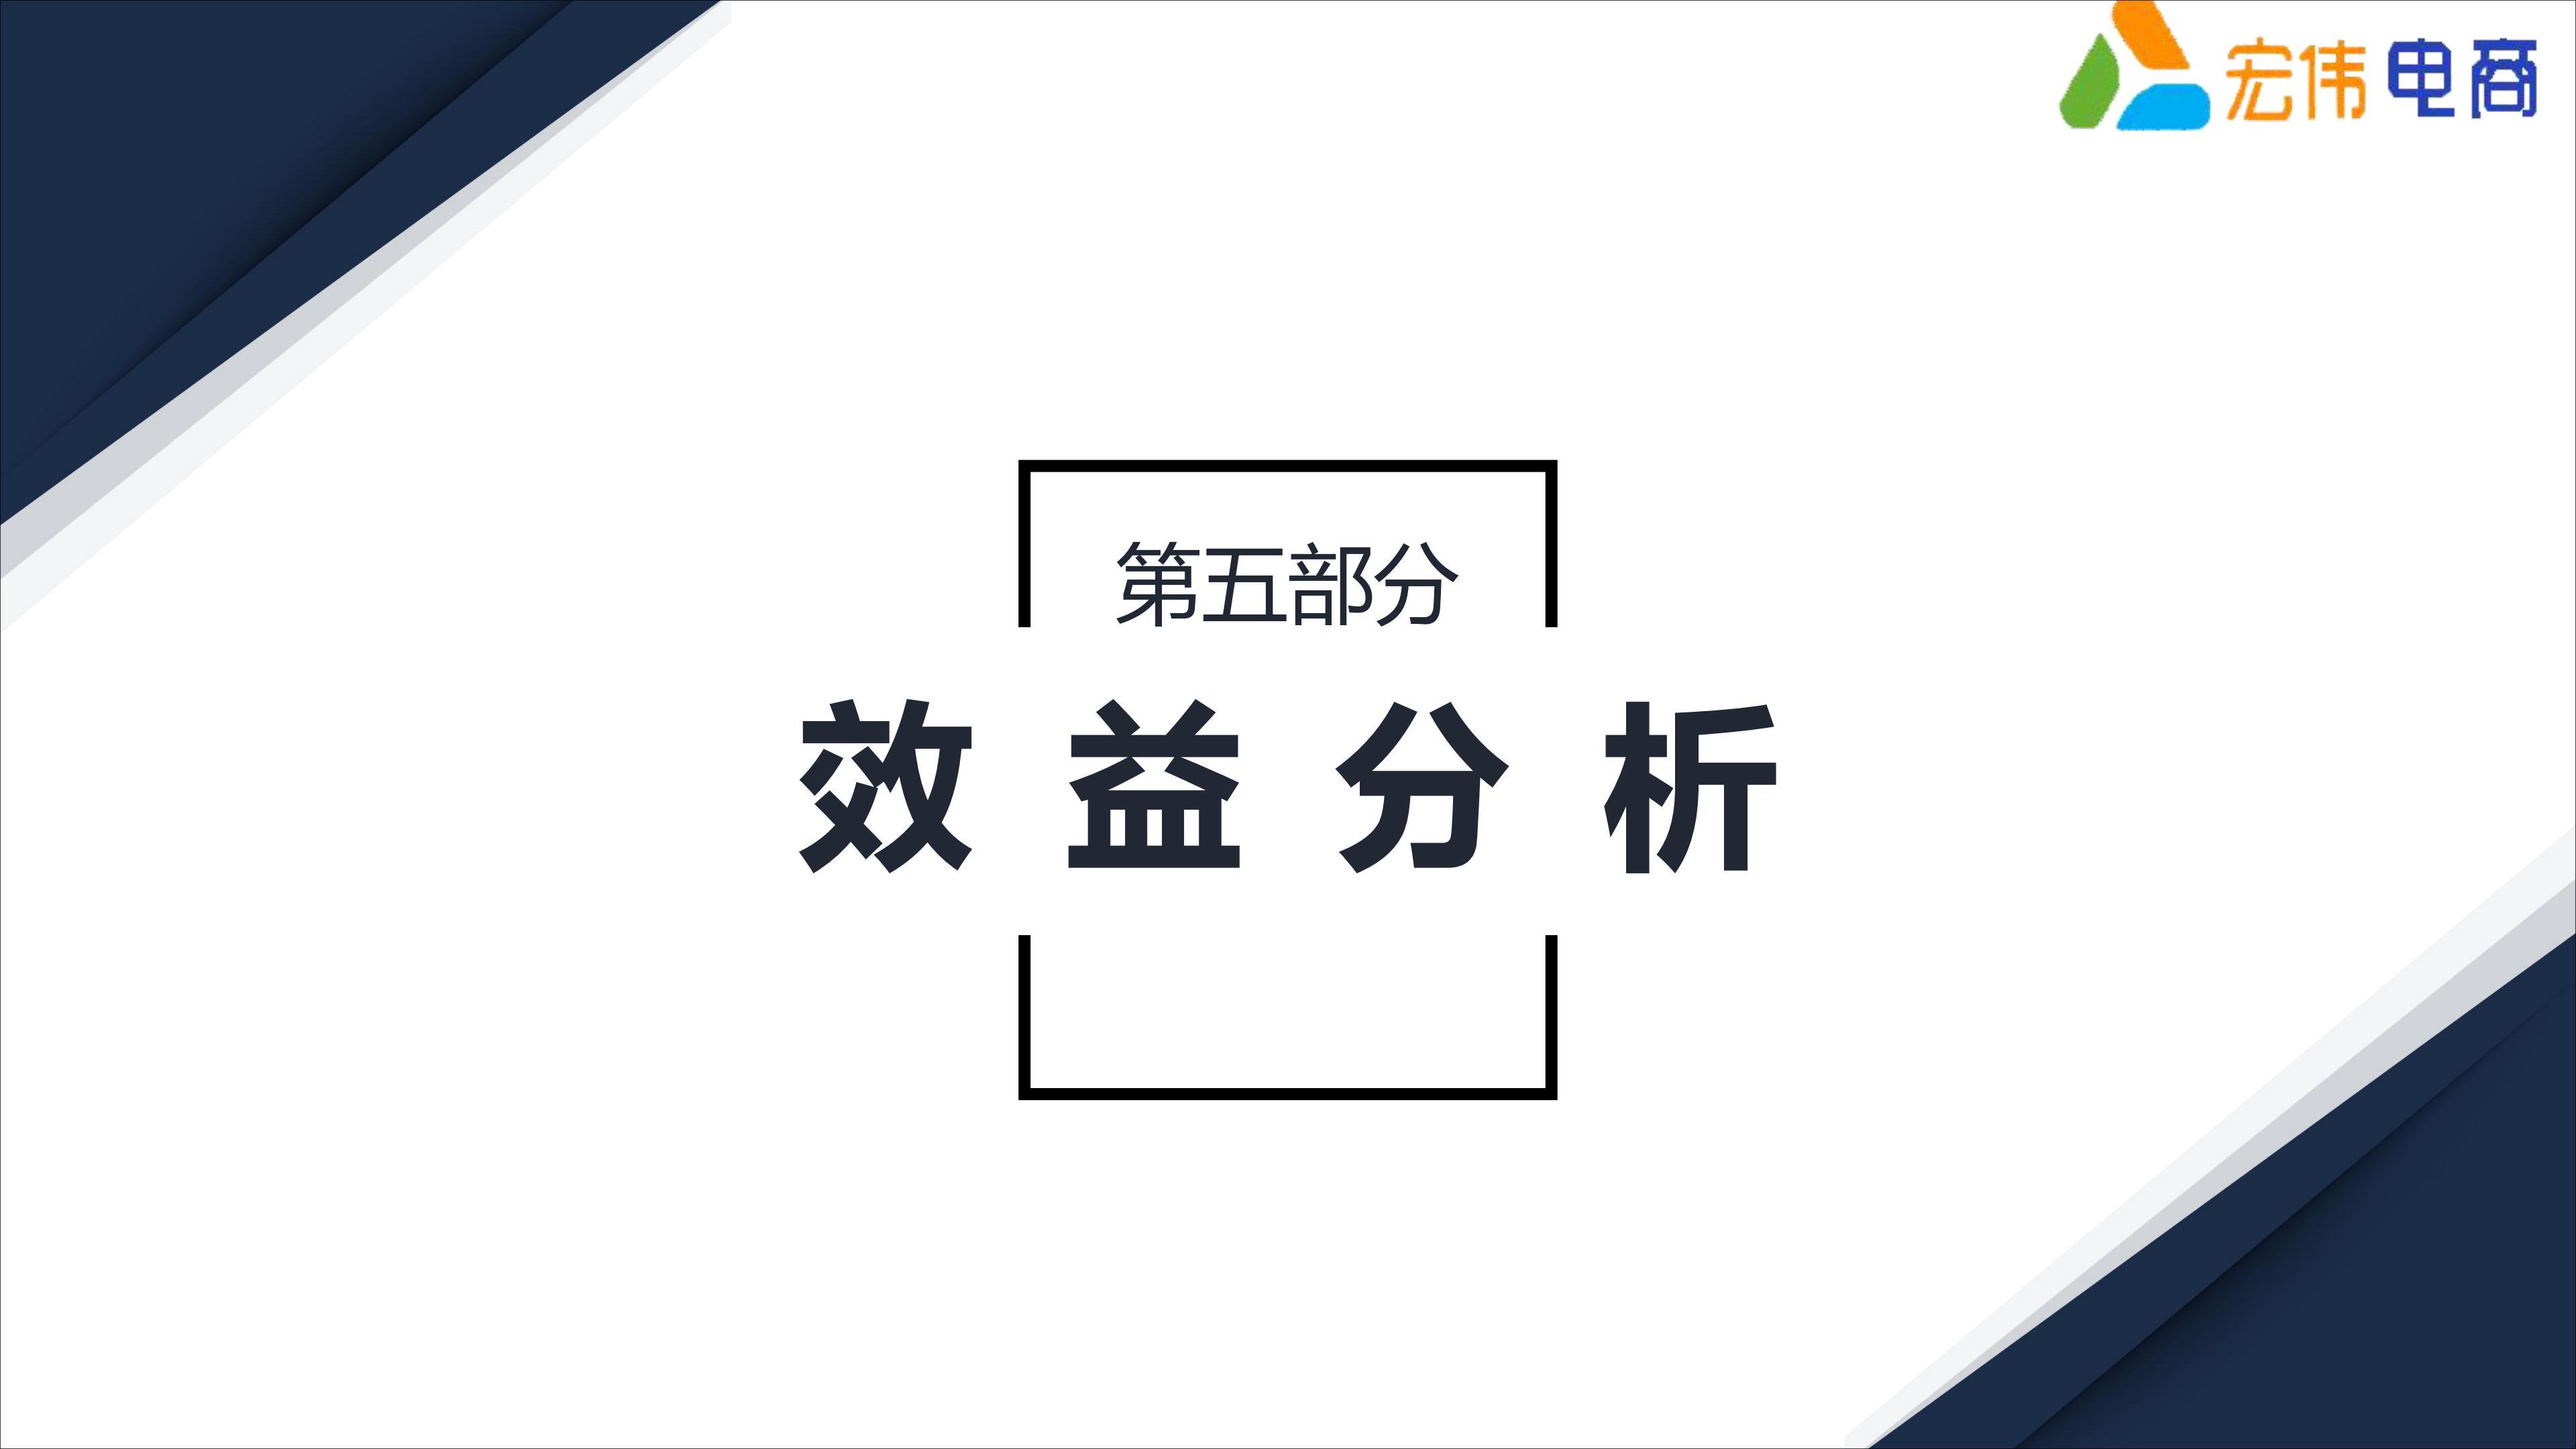 红薯助力万人脱贫创业计划定稿(1)_16.jpg